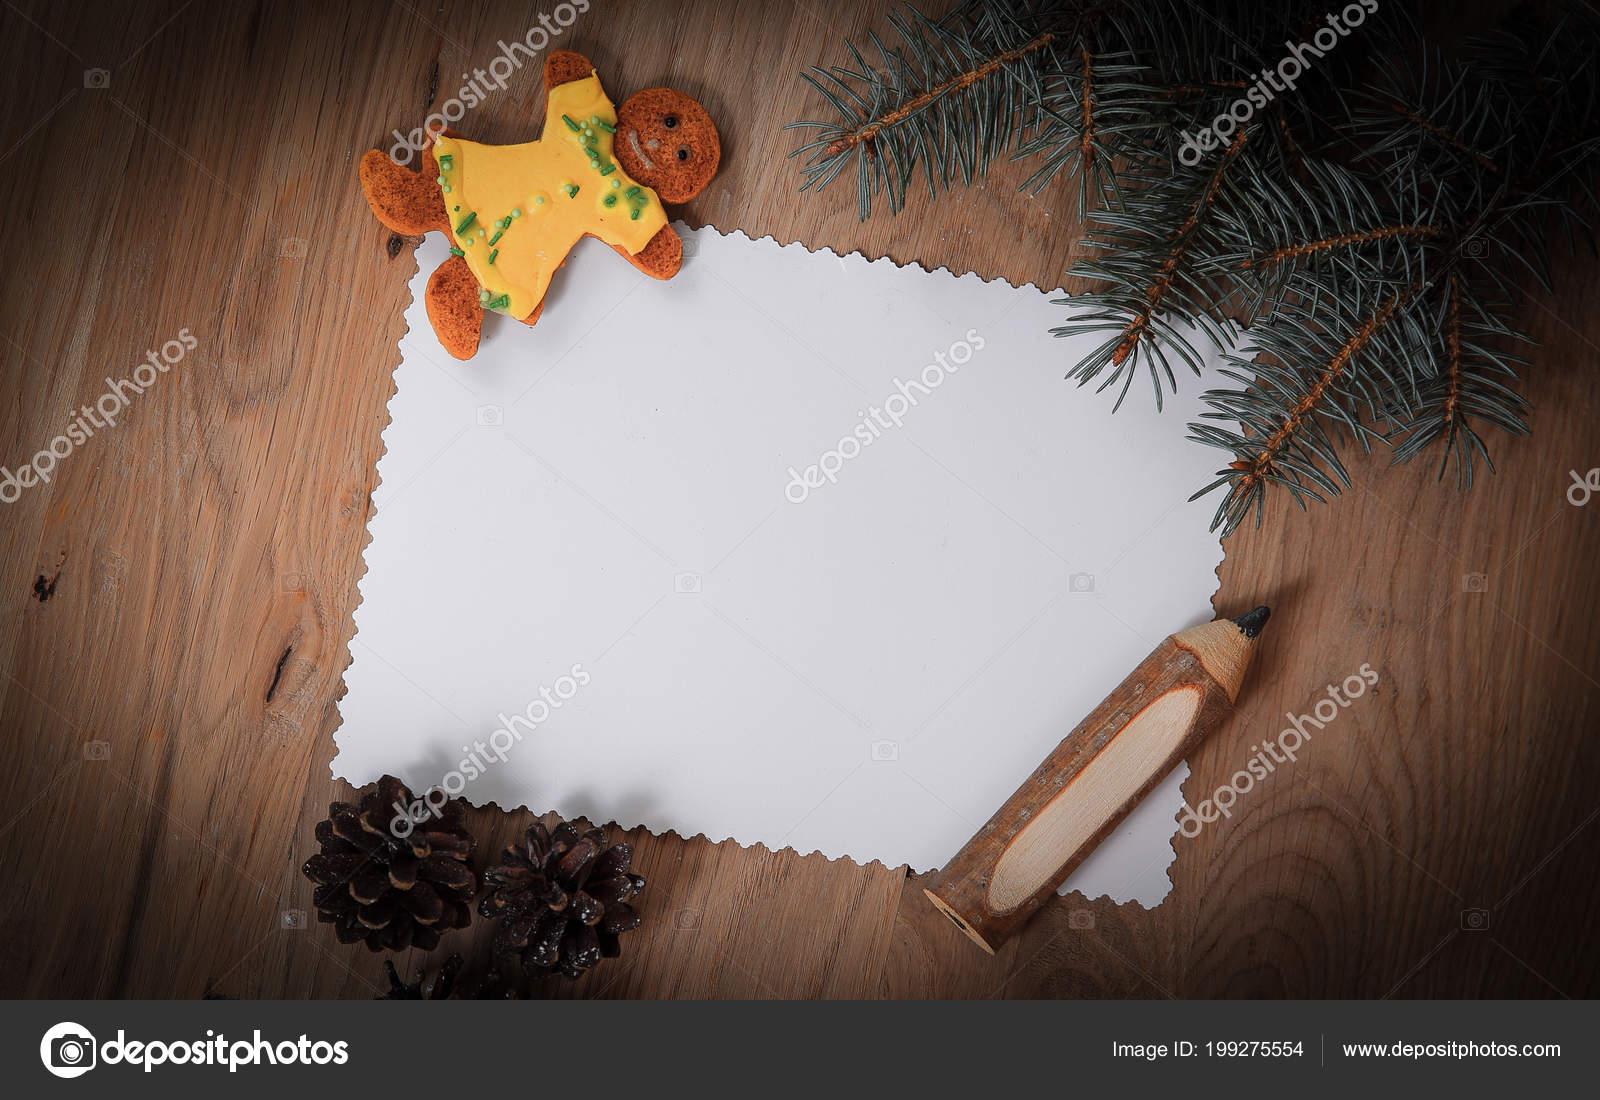 leere Weihnachtskarte, Lebkuchen und Bleistift auf hölzernen ...